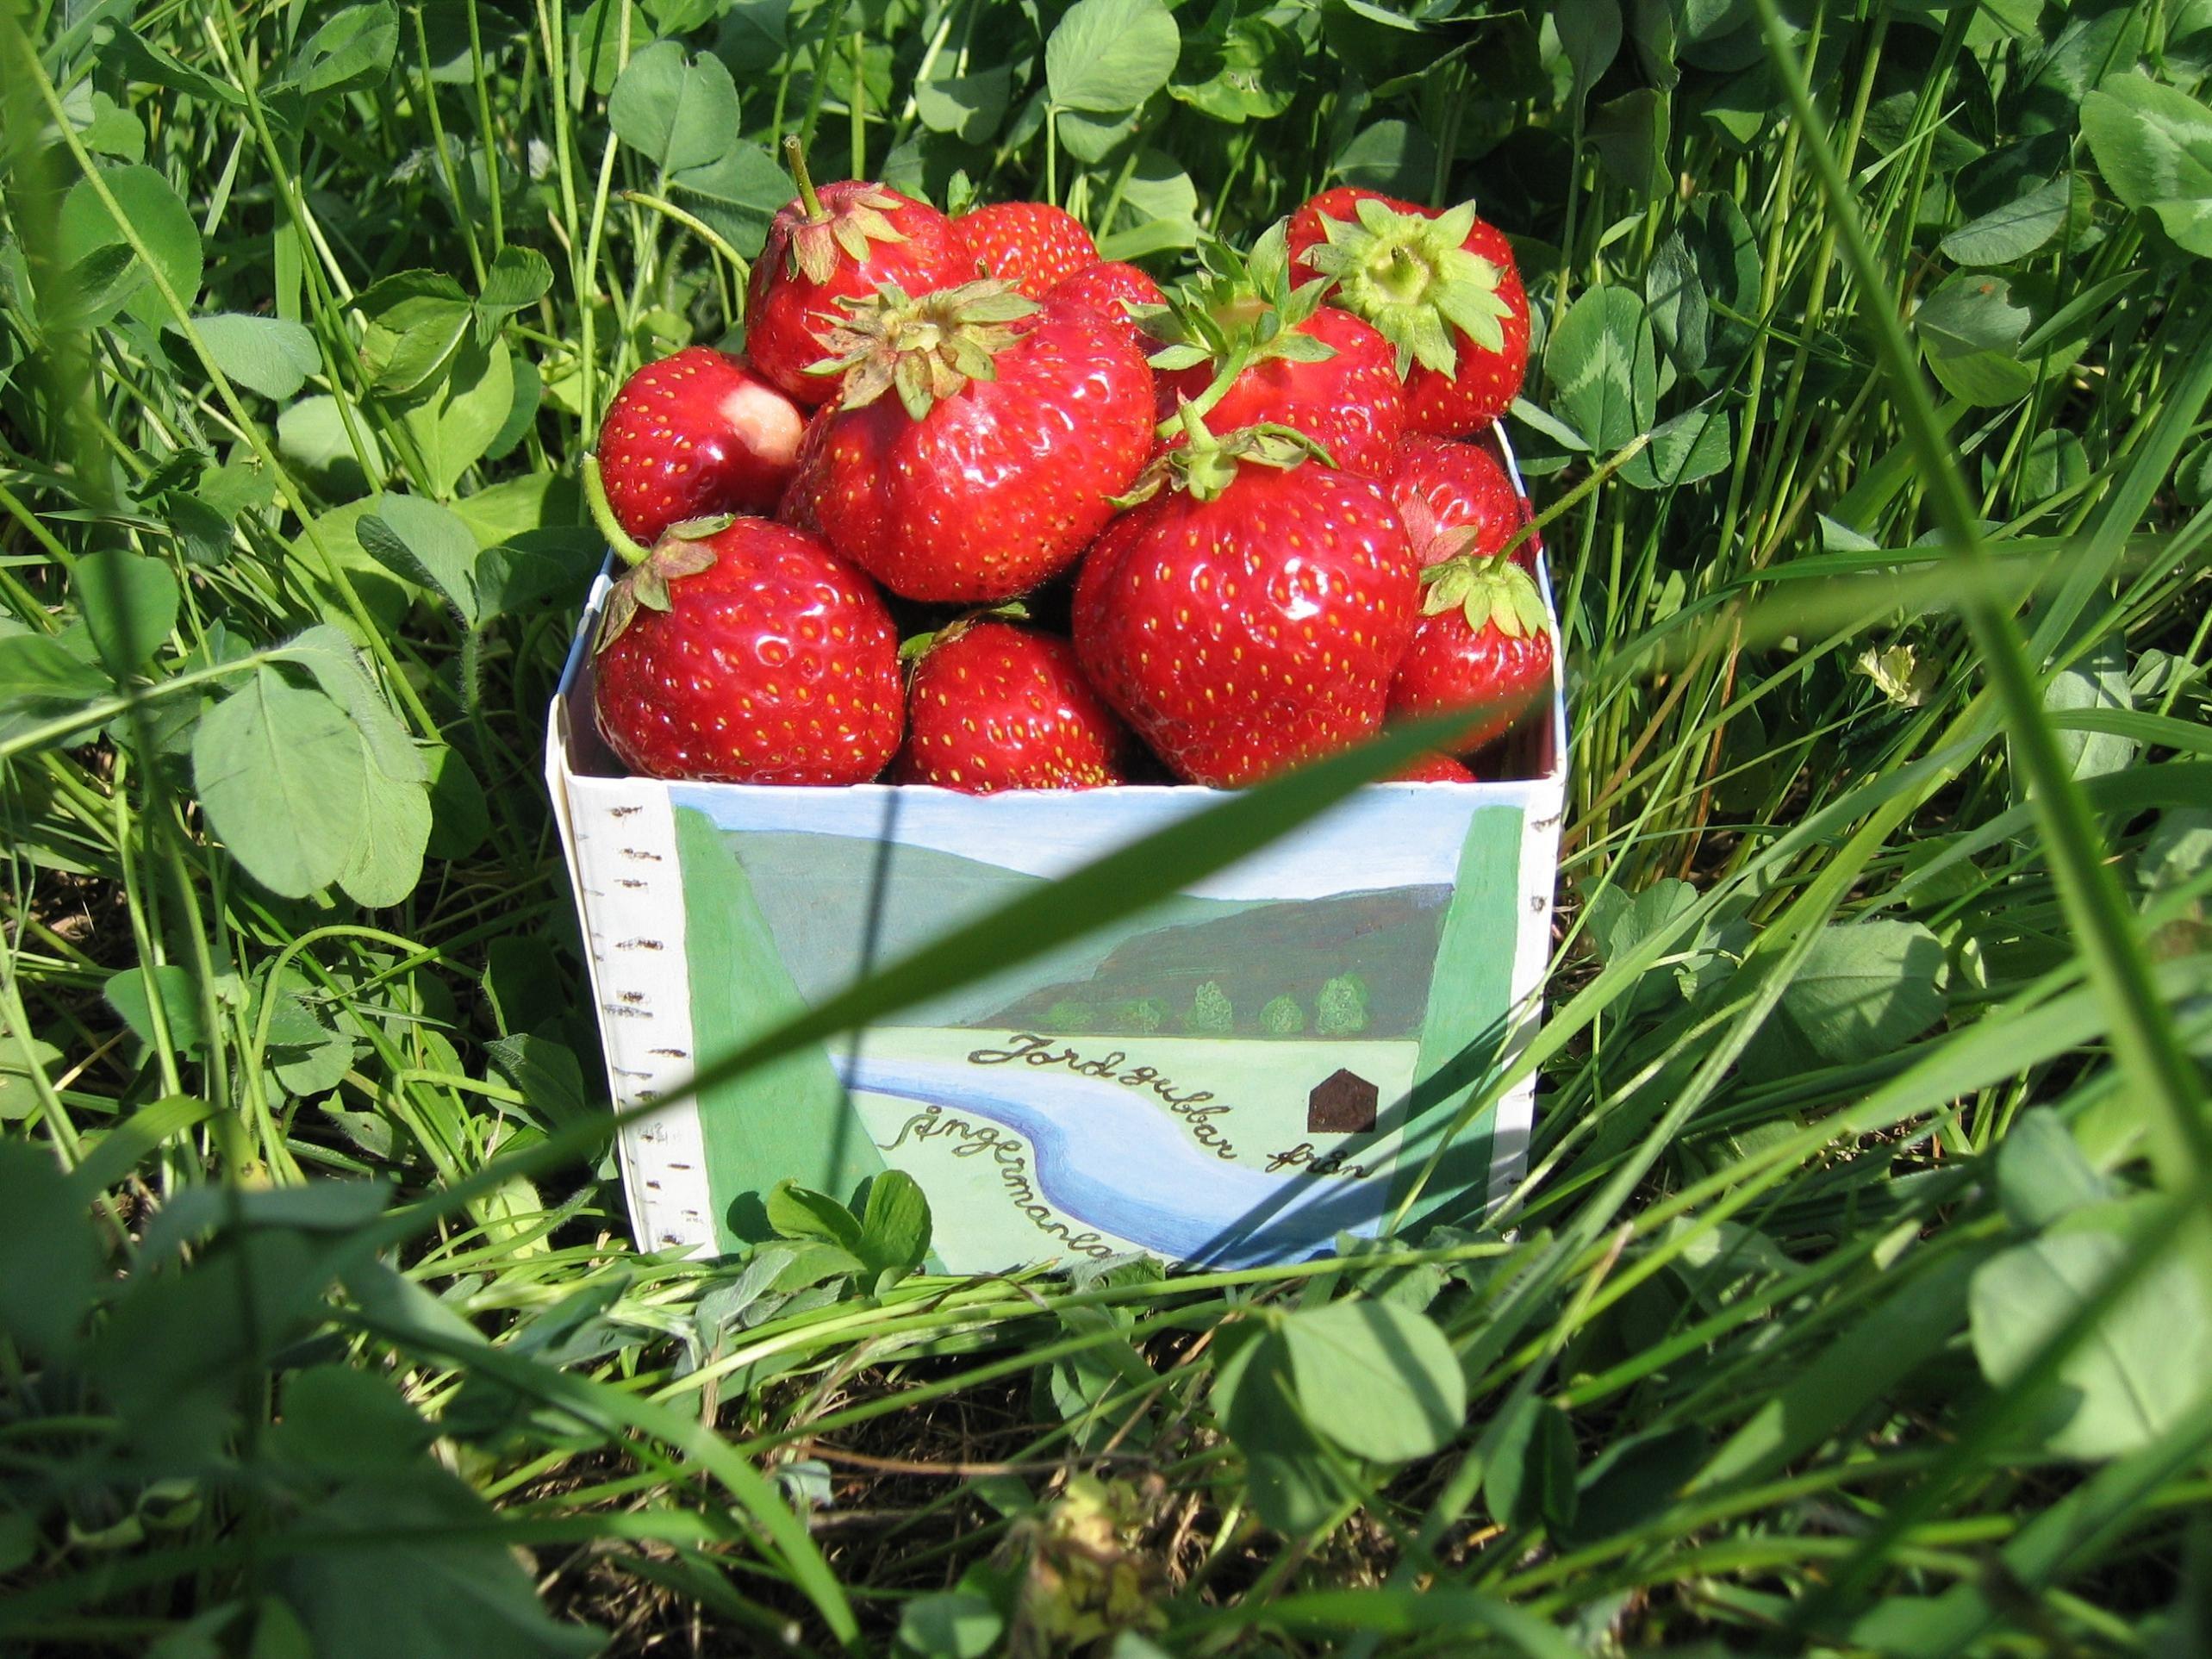 KRAV odlade jordgubbar. Smakar himmelskt och härligt att kunna bjuda på sommarens frukter utan kemiska tillsatser!